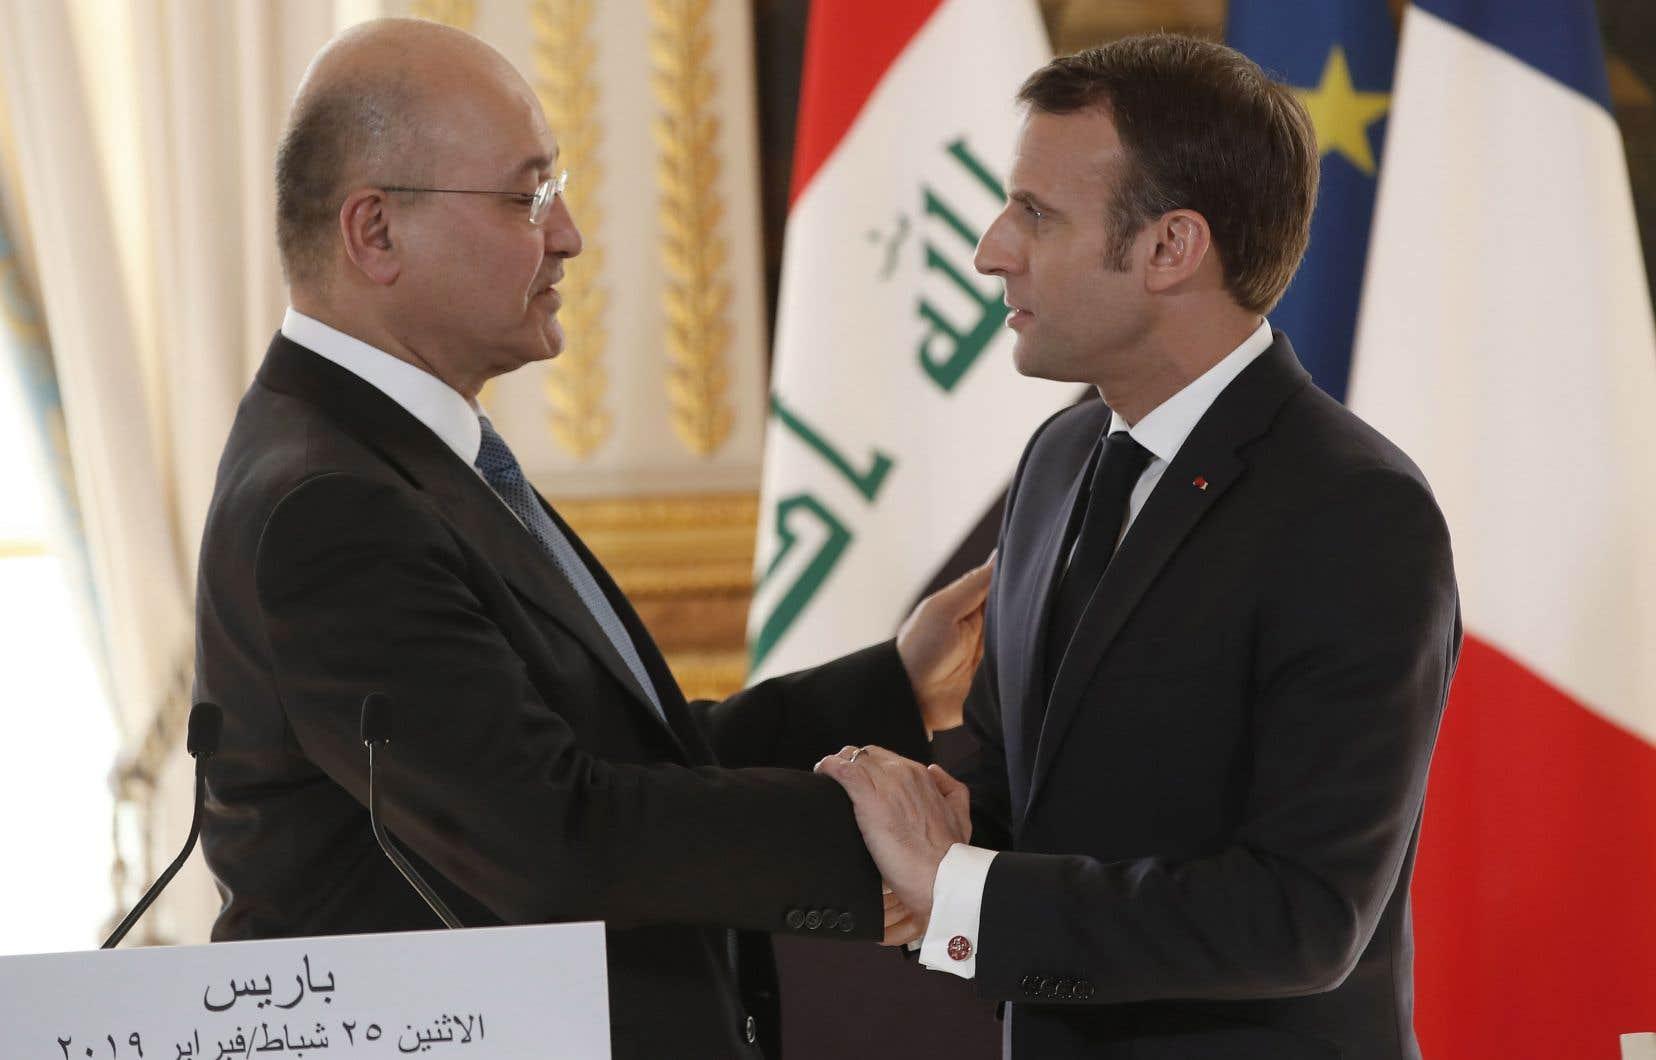 Le président irakien, Barham Saleh, en compagnie de son homologue français, Emmanuel Macron, lundi, à Paris